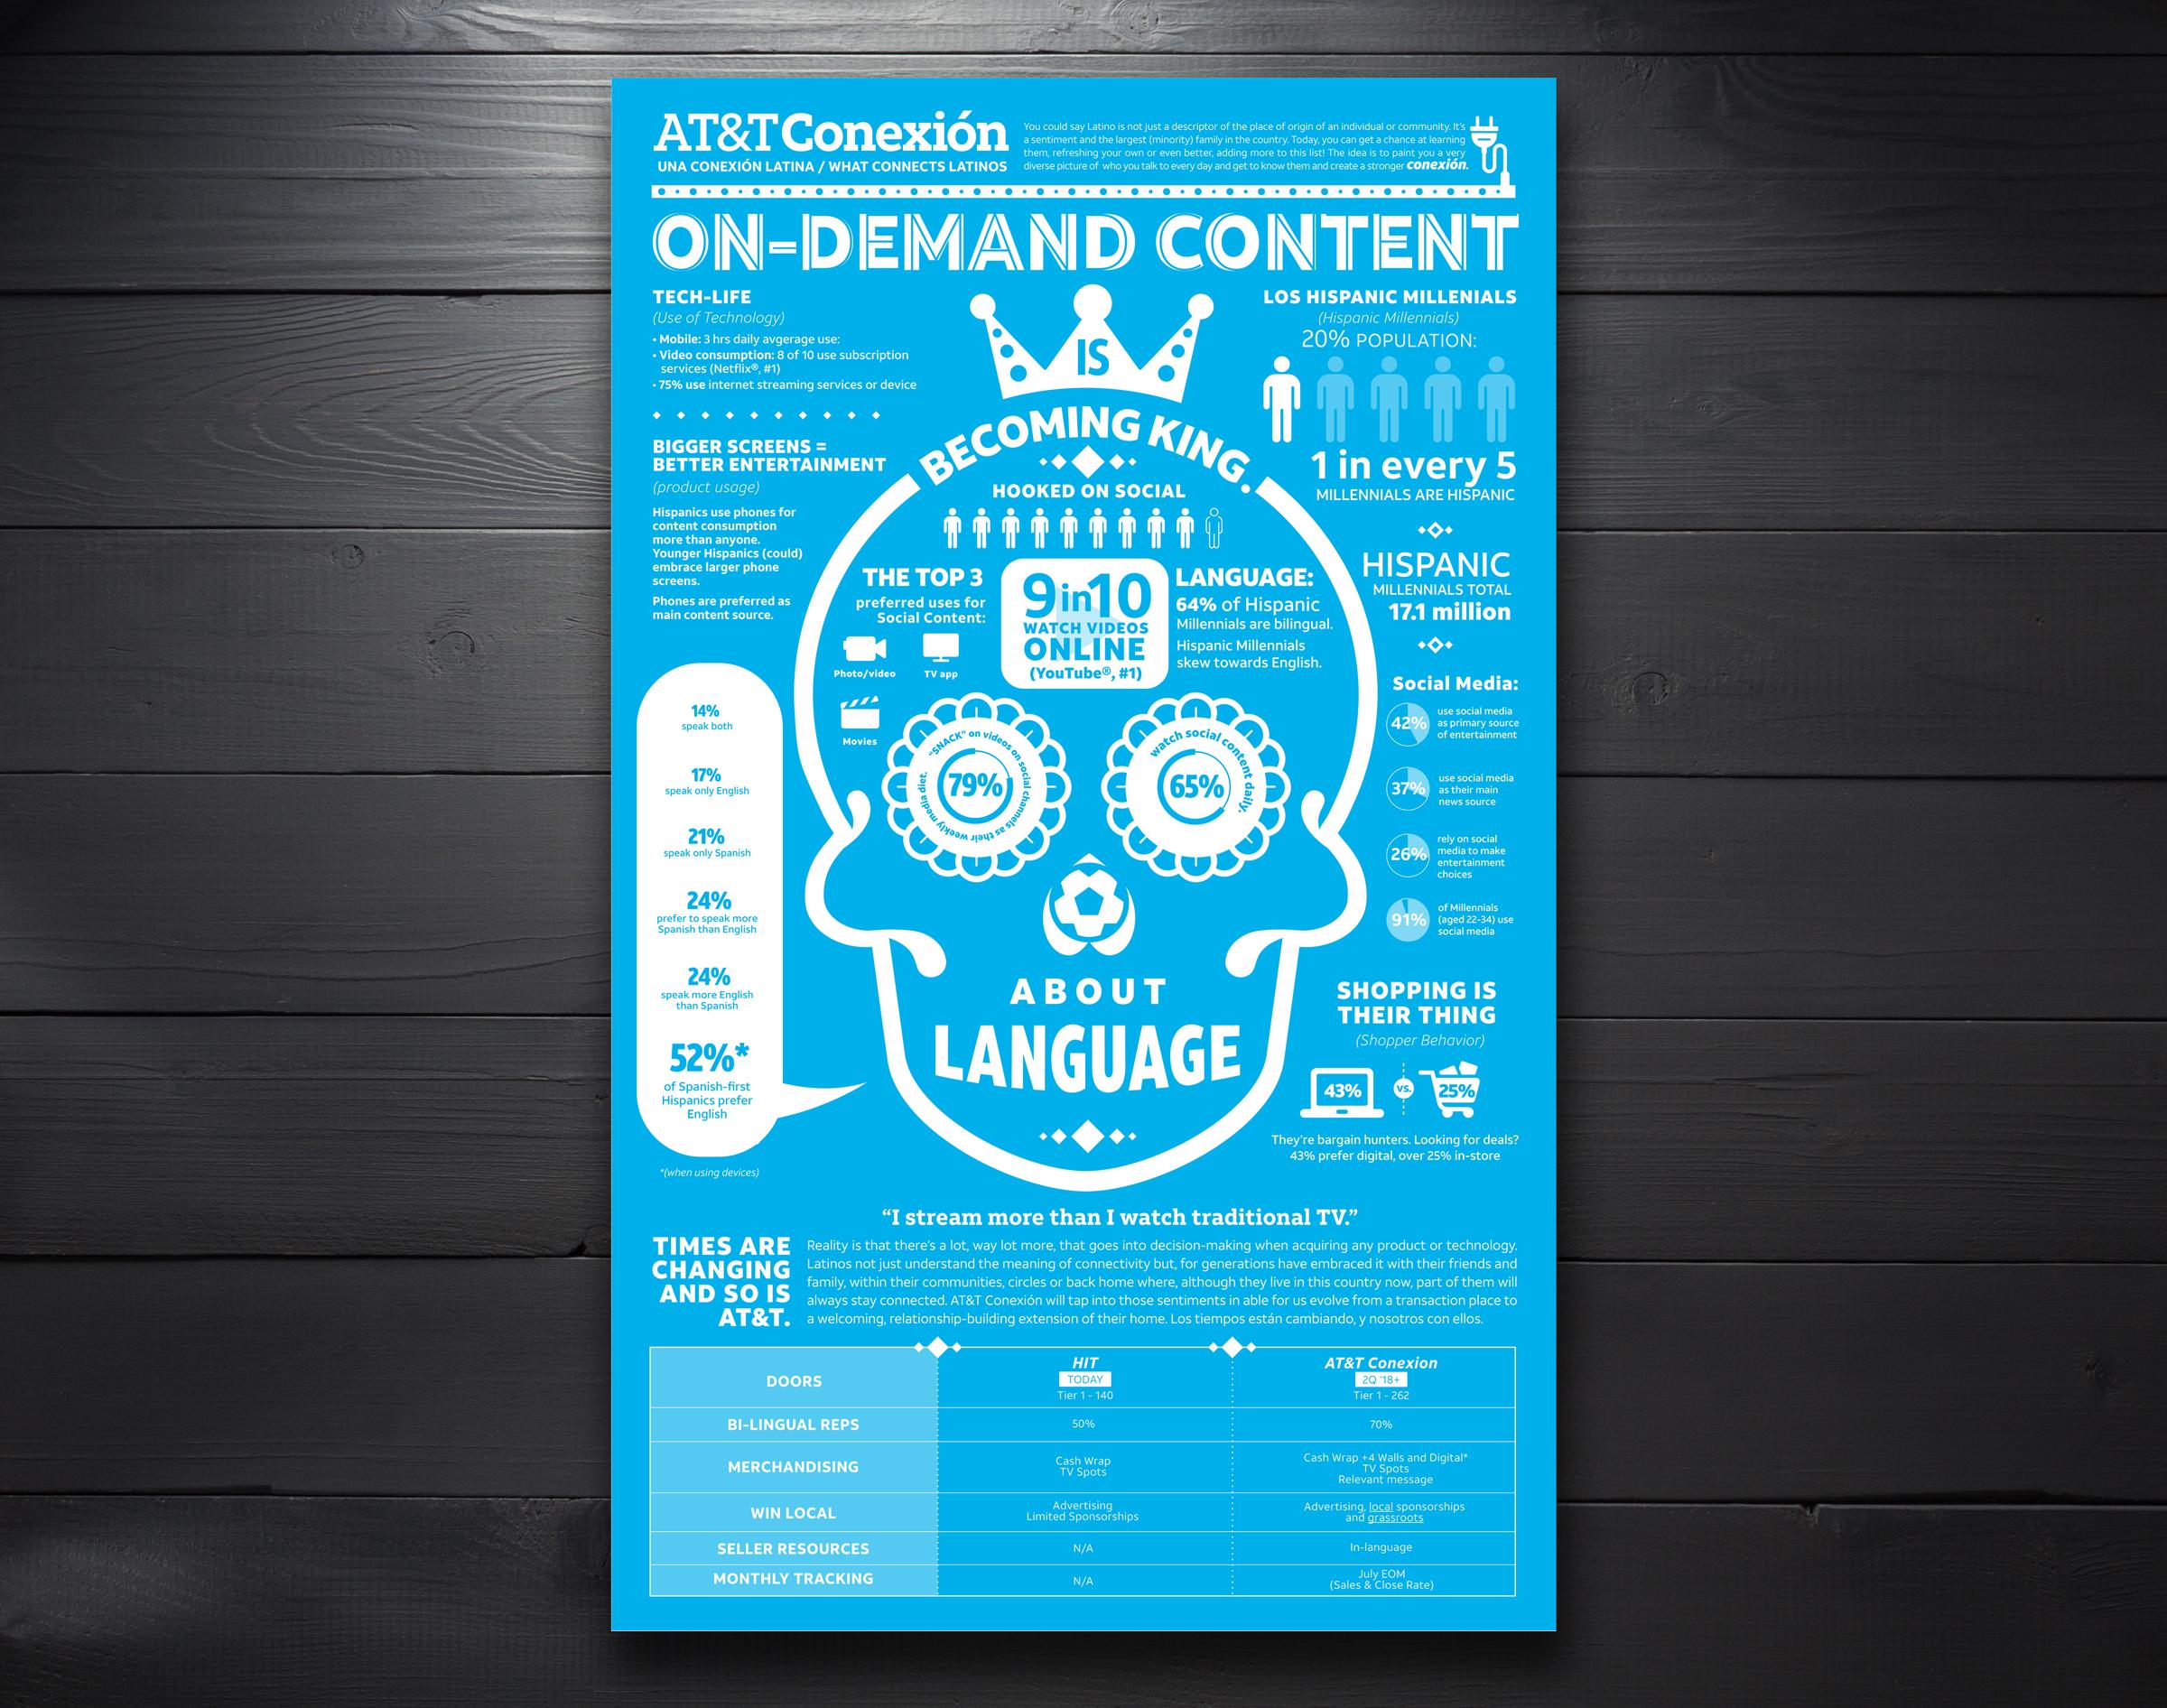 ATT_Conexion_poster.jpg